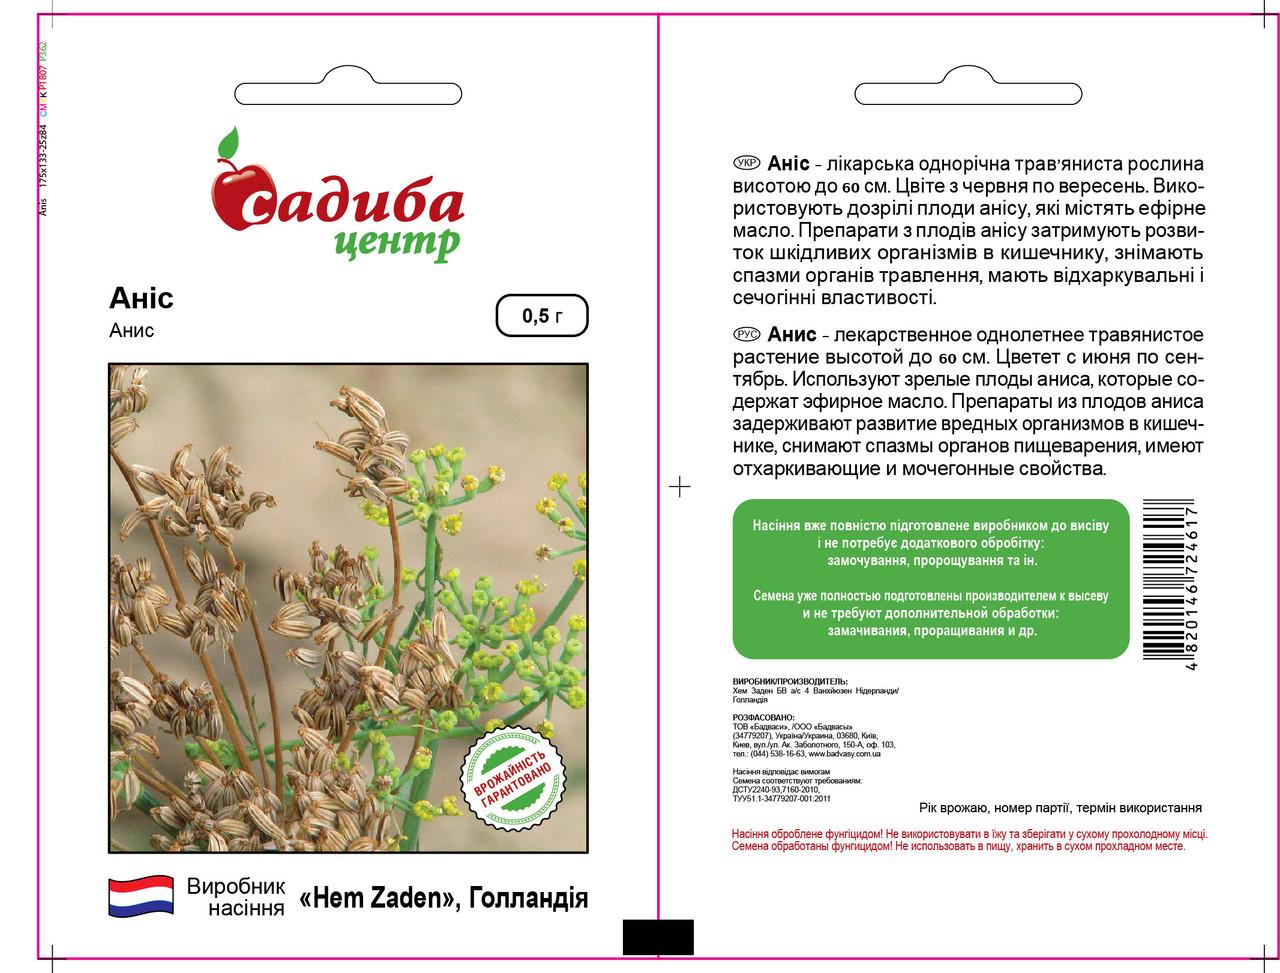 Семена Аниса (Hem Zaden / САДЫБА ЦЕНТР) 0,5 г — лекарственное однолетнее травянистое растение